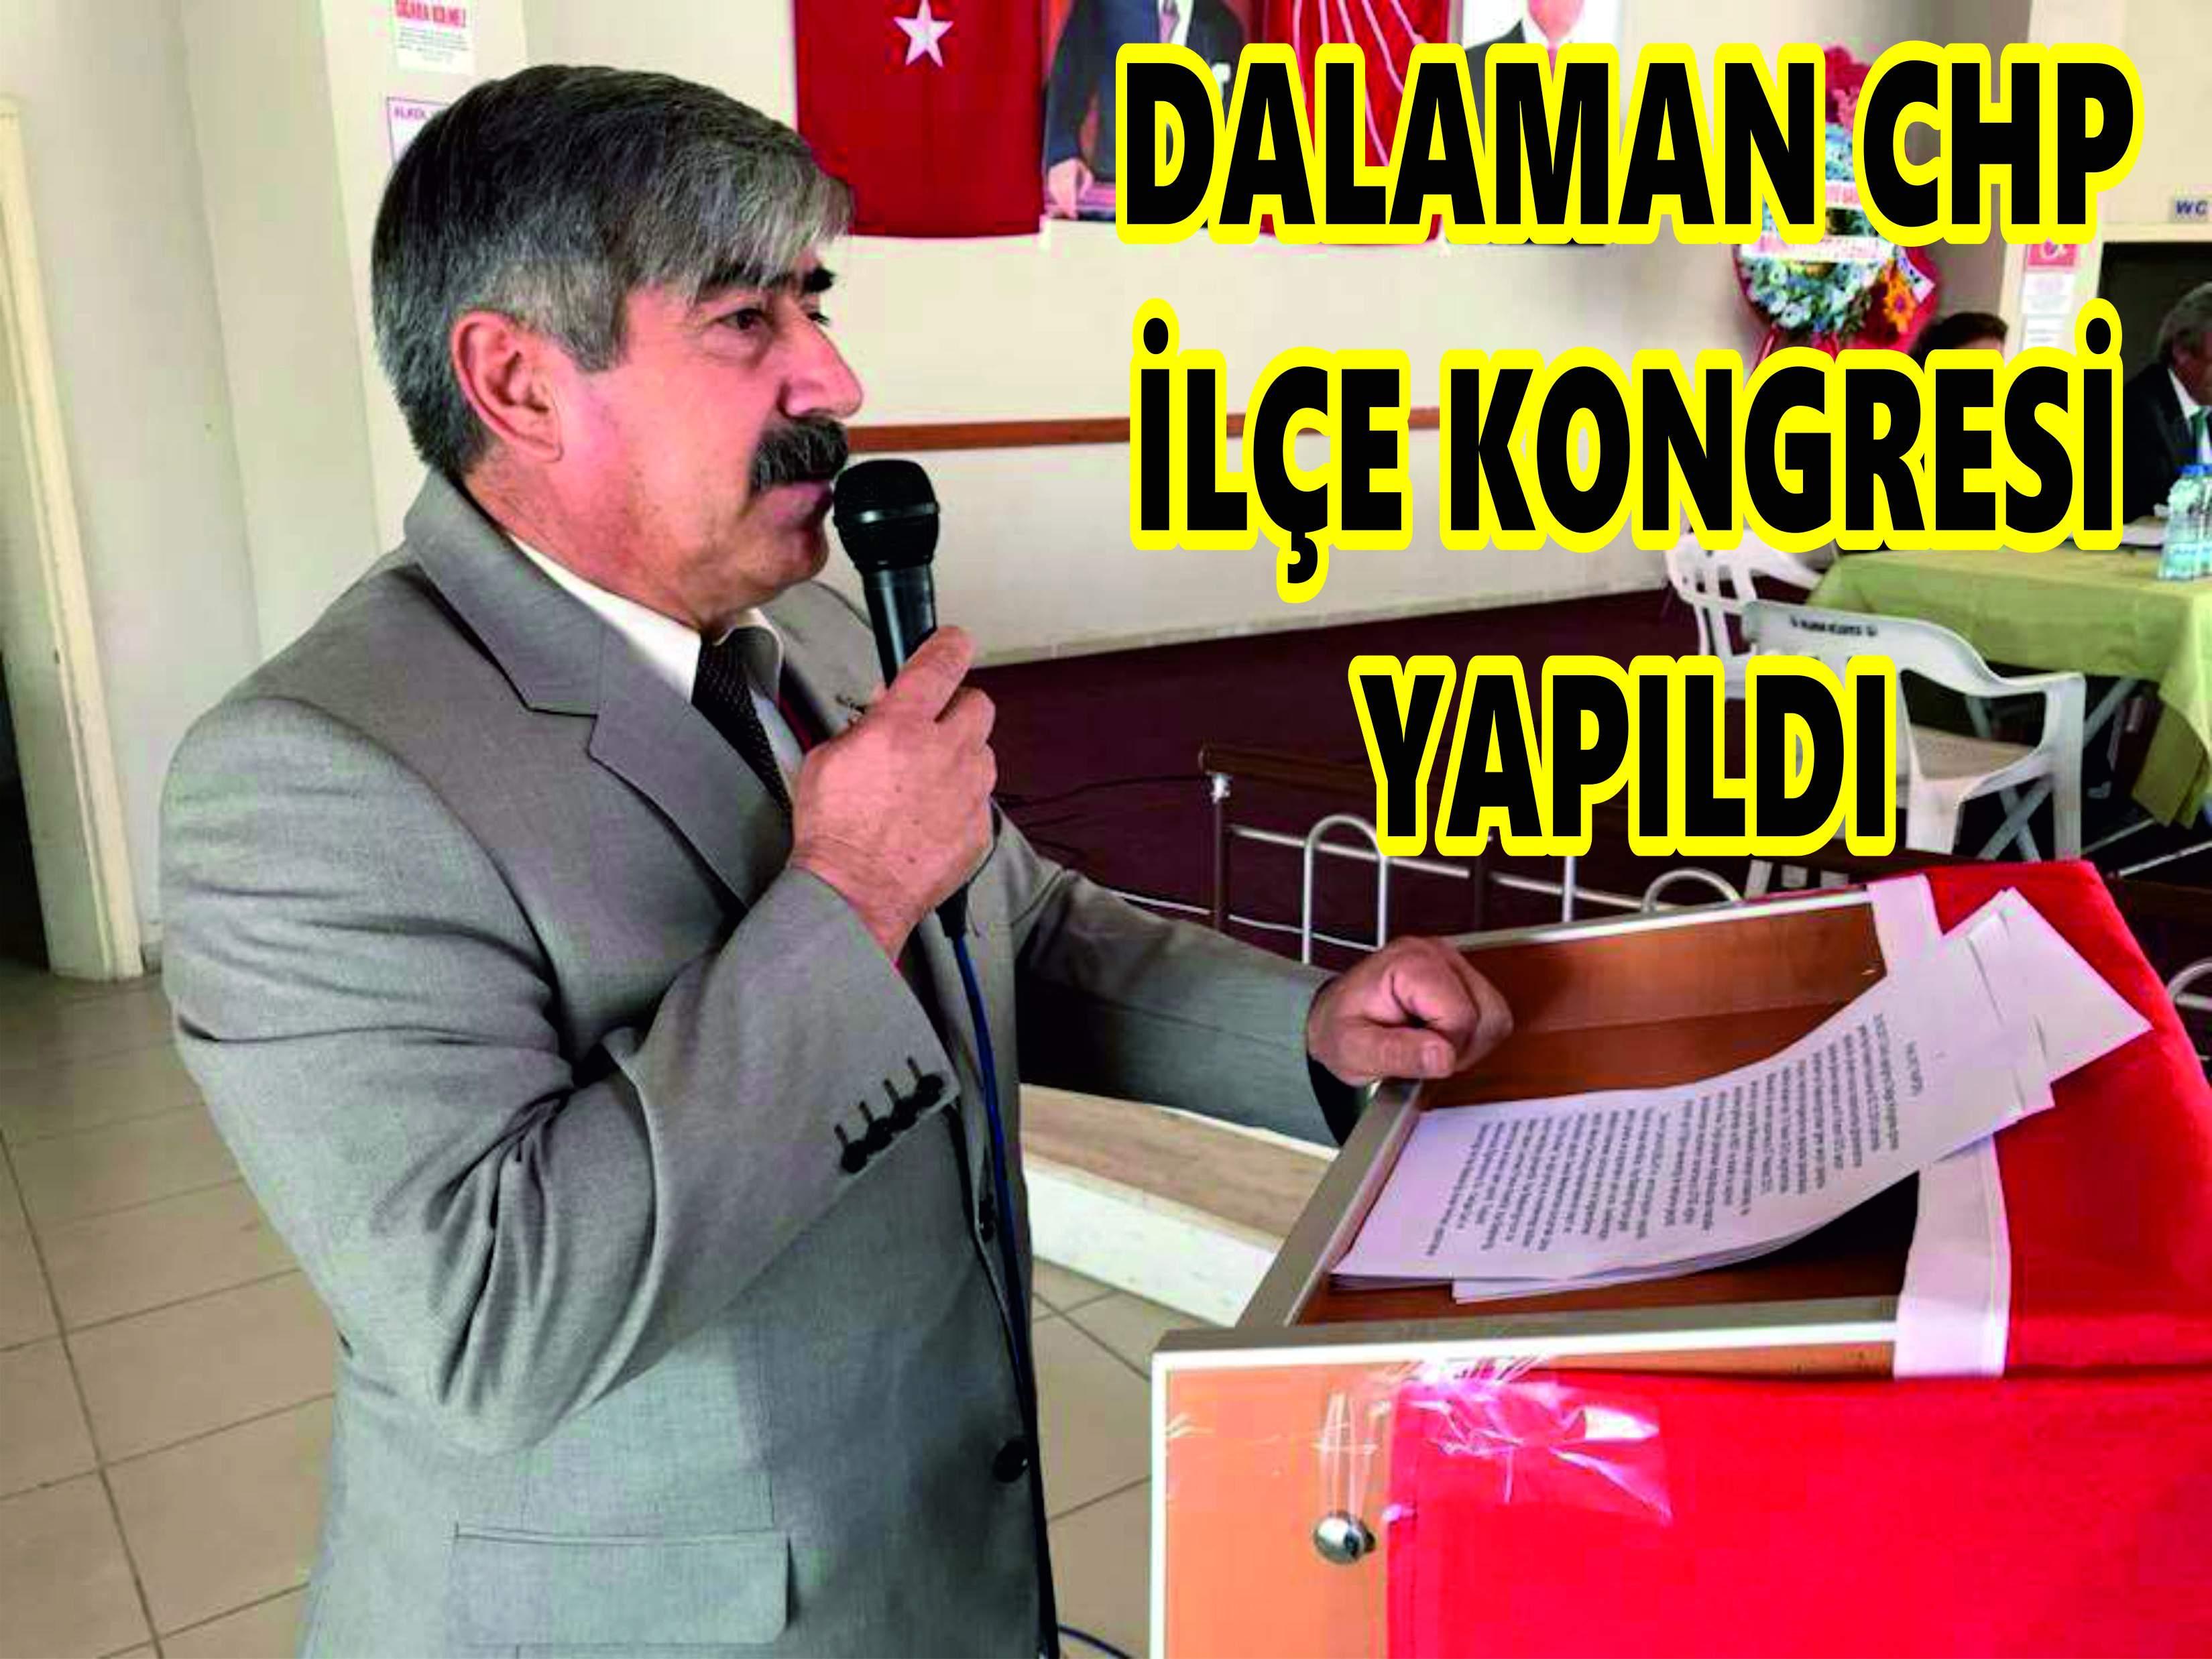 DALAMAN CHP İLÇE KONGRESİ YAPILDI